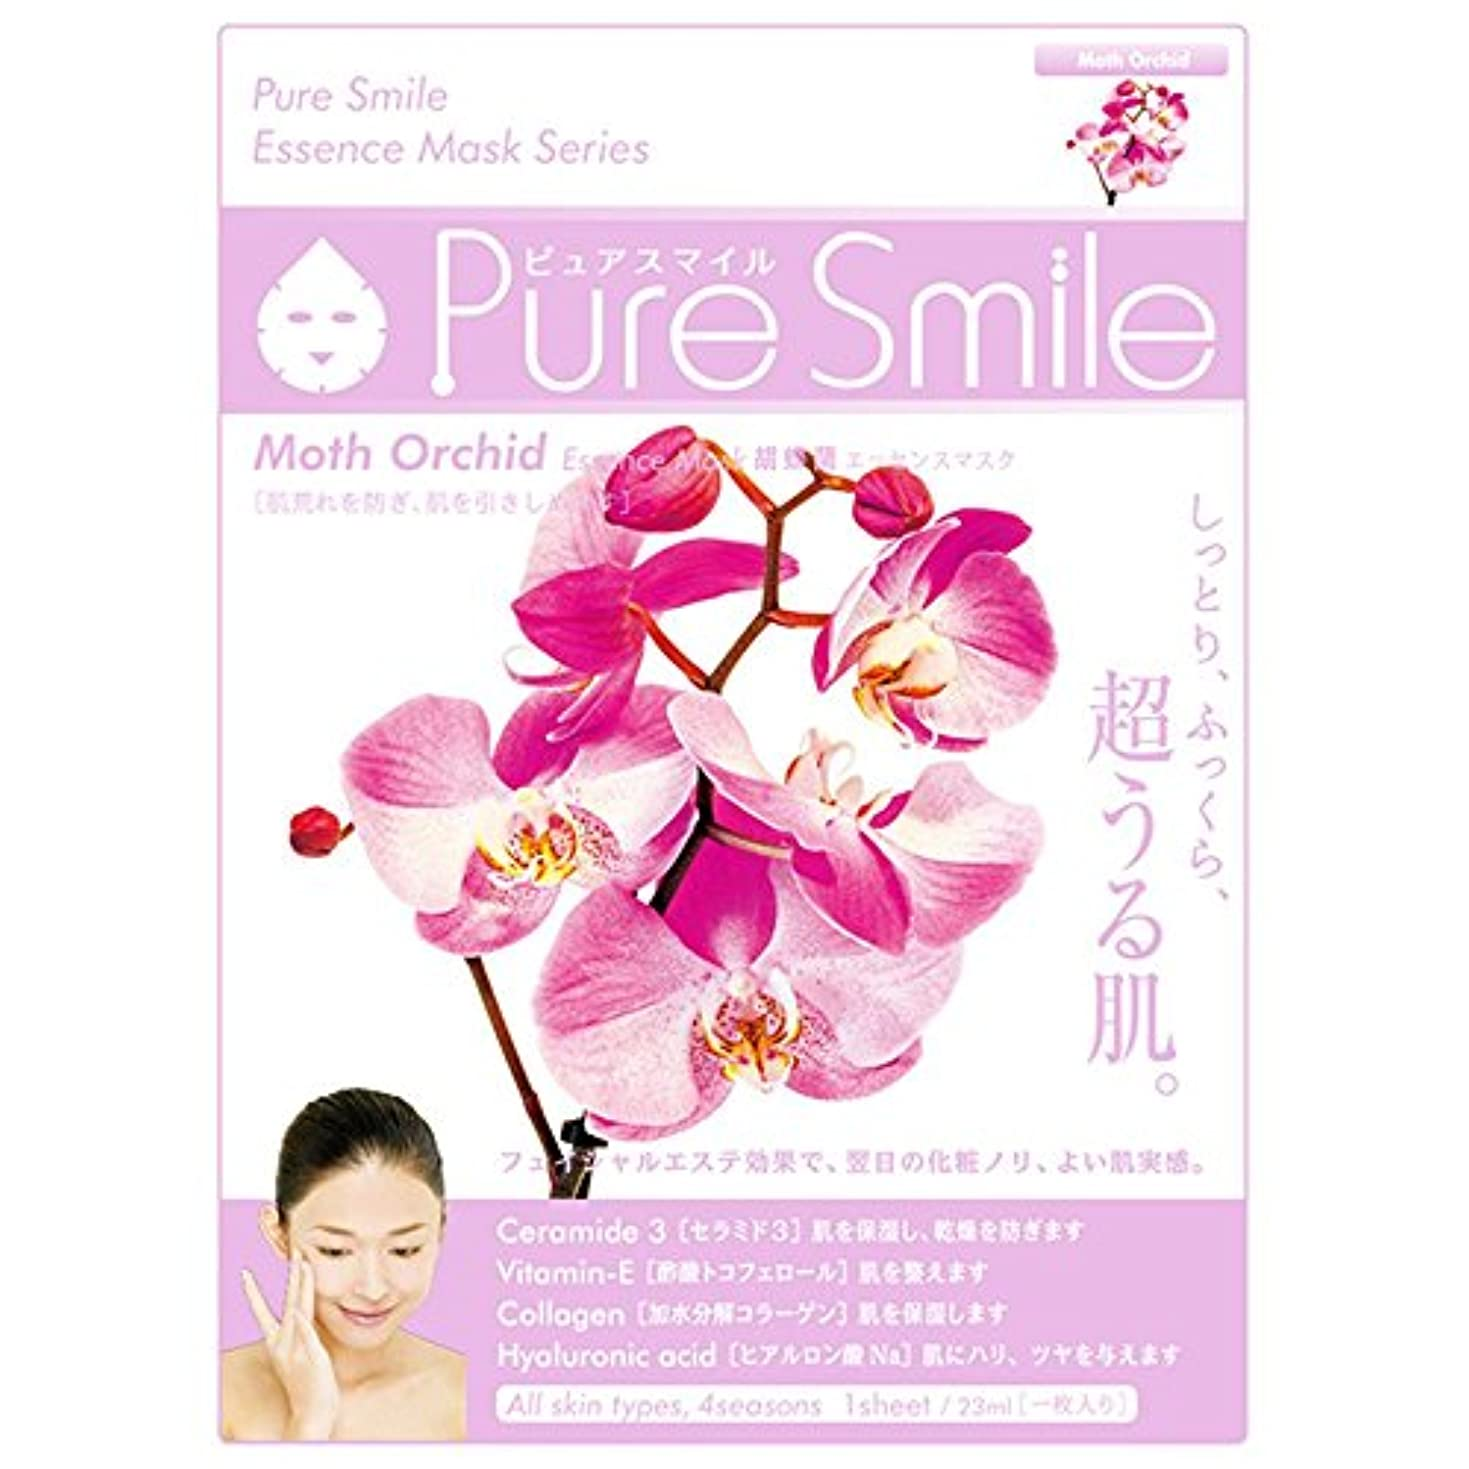 汚れたハム義務付けられたPure Smile/ピュアスマイル エッセンス/フェイスマスク 『Moth Orchid/胡蝶蘭』